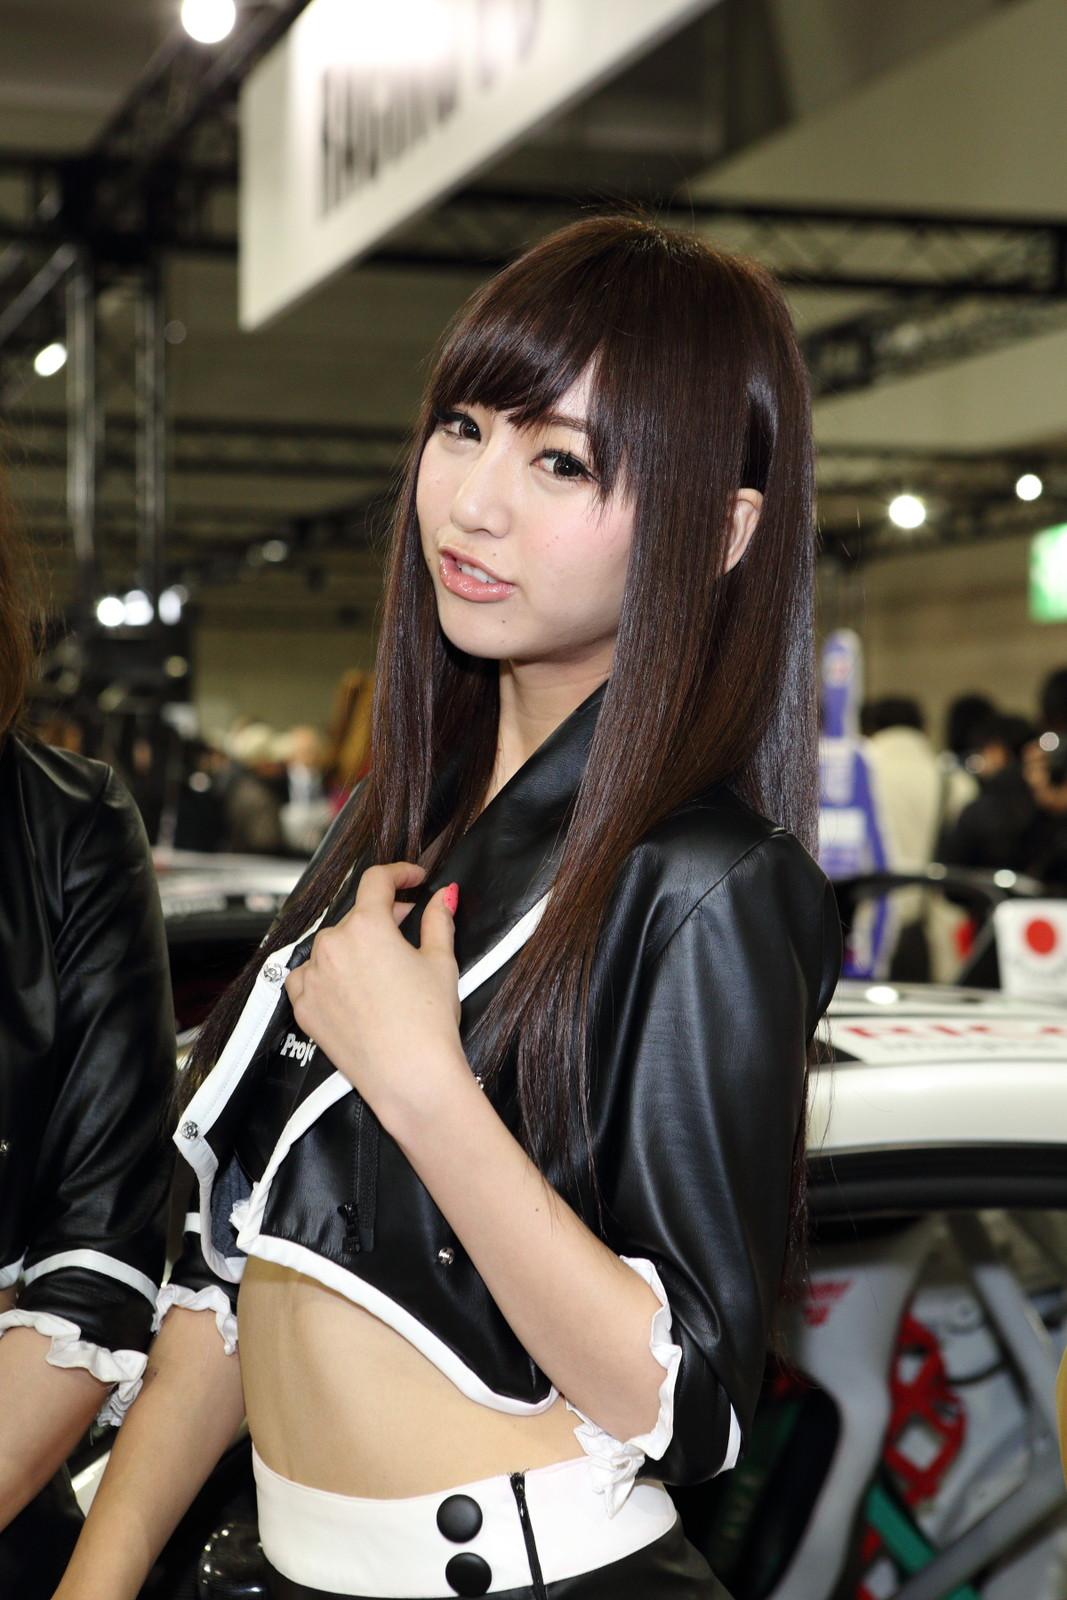 三次元 3次元 エロ画像 キャンペーンガール べっぴん娘通信 21